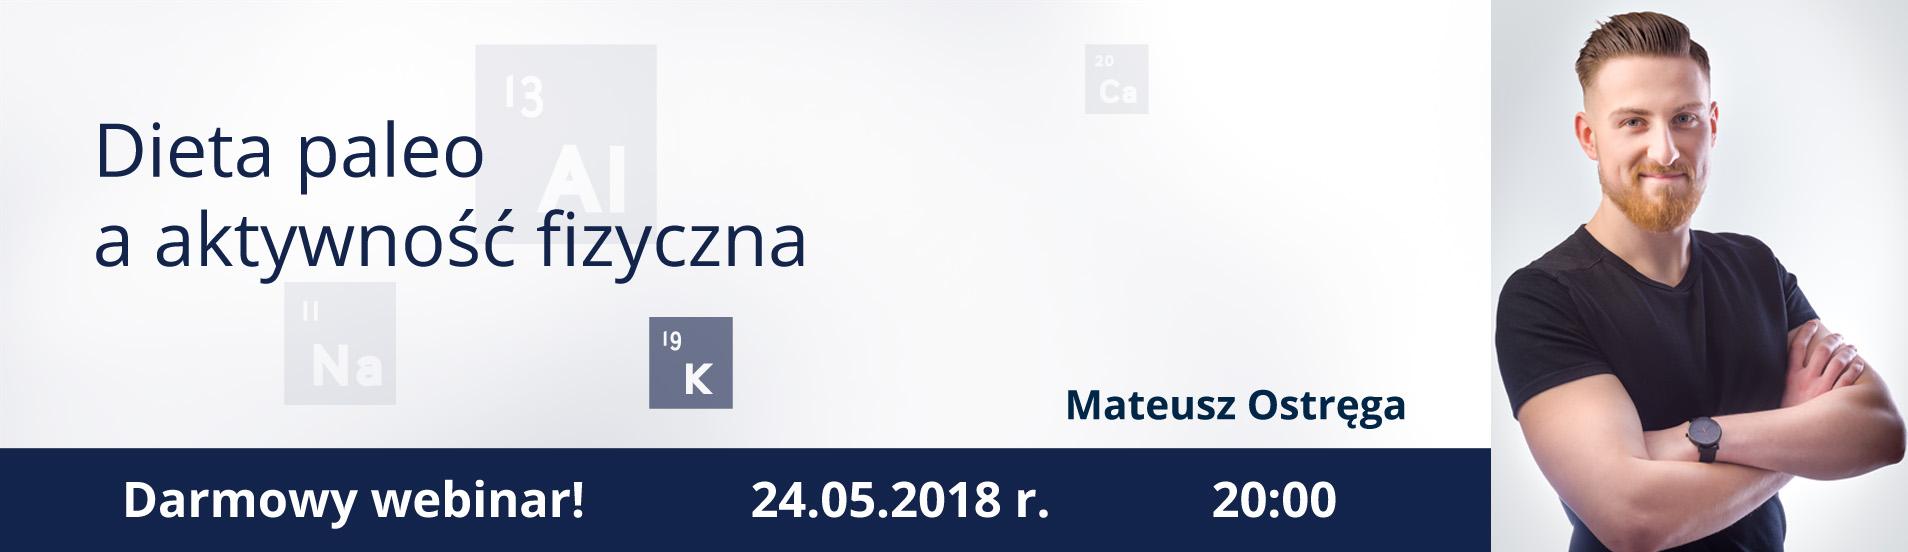 webinar 24.05.2018